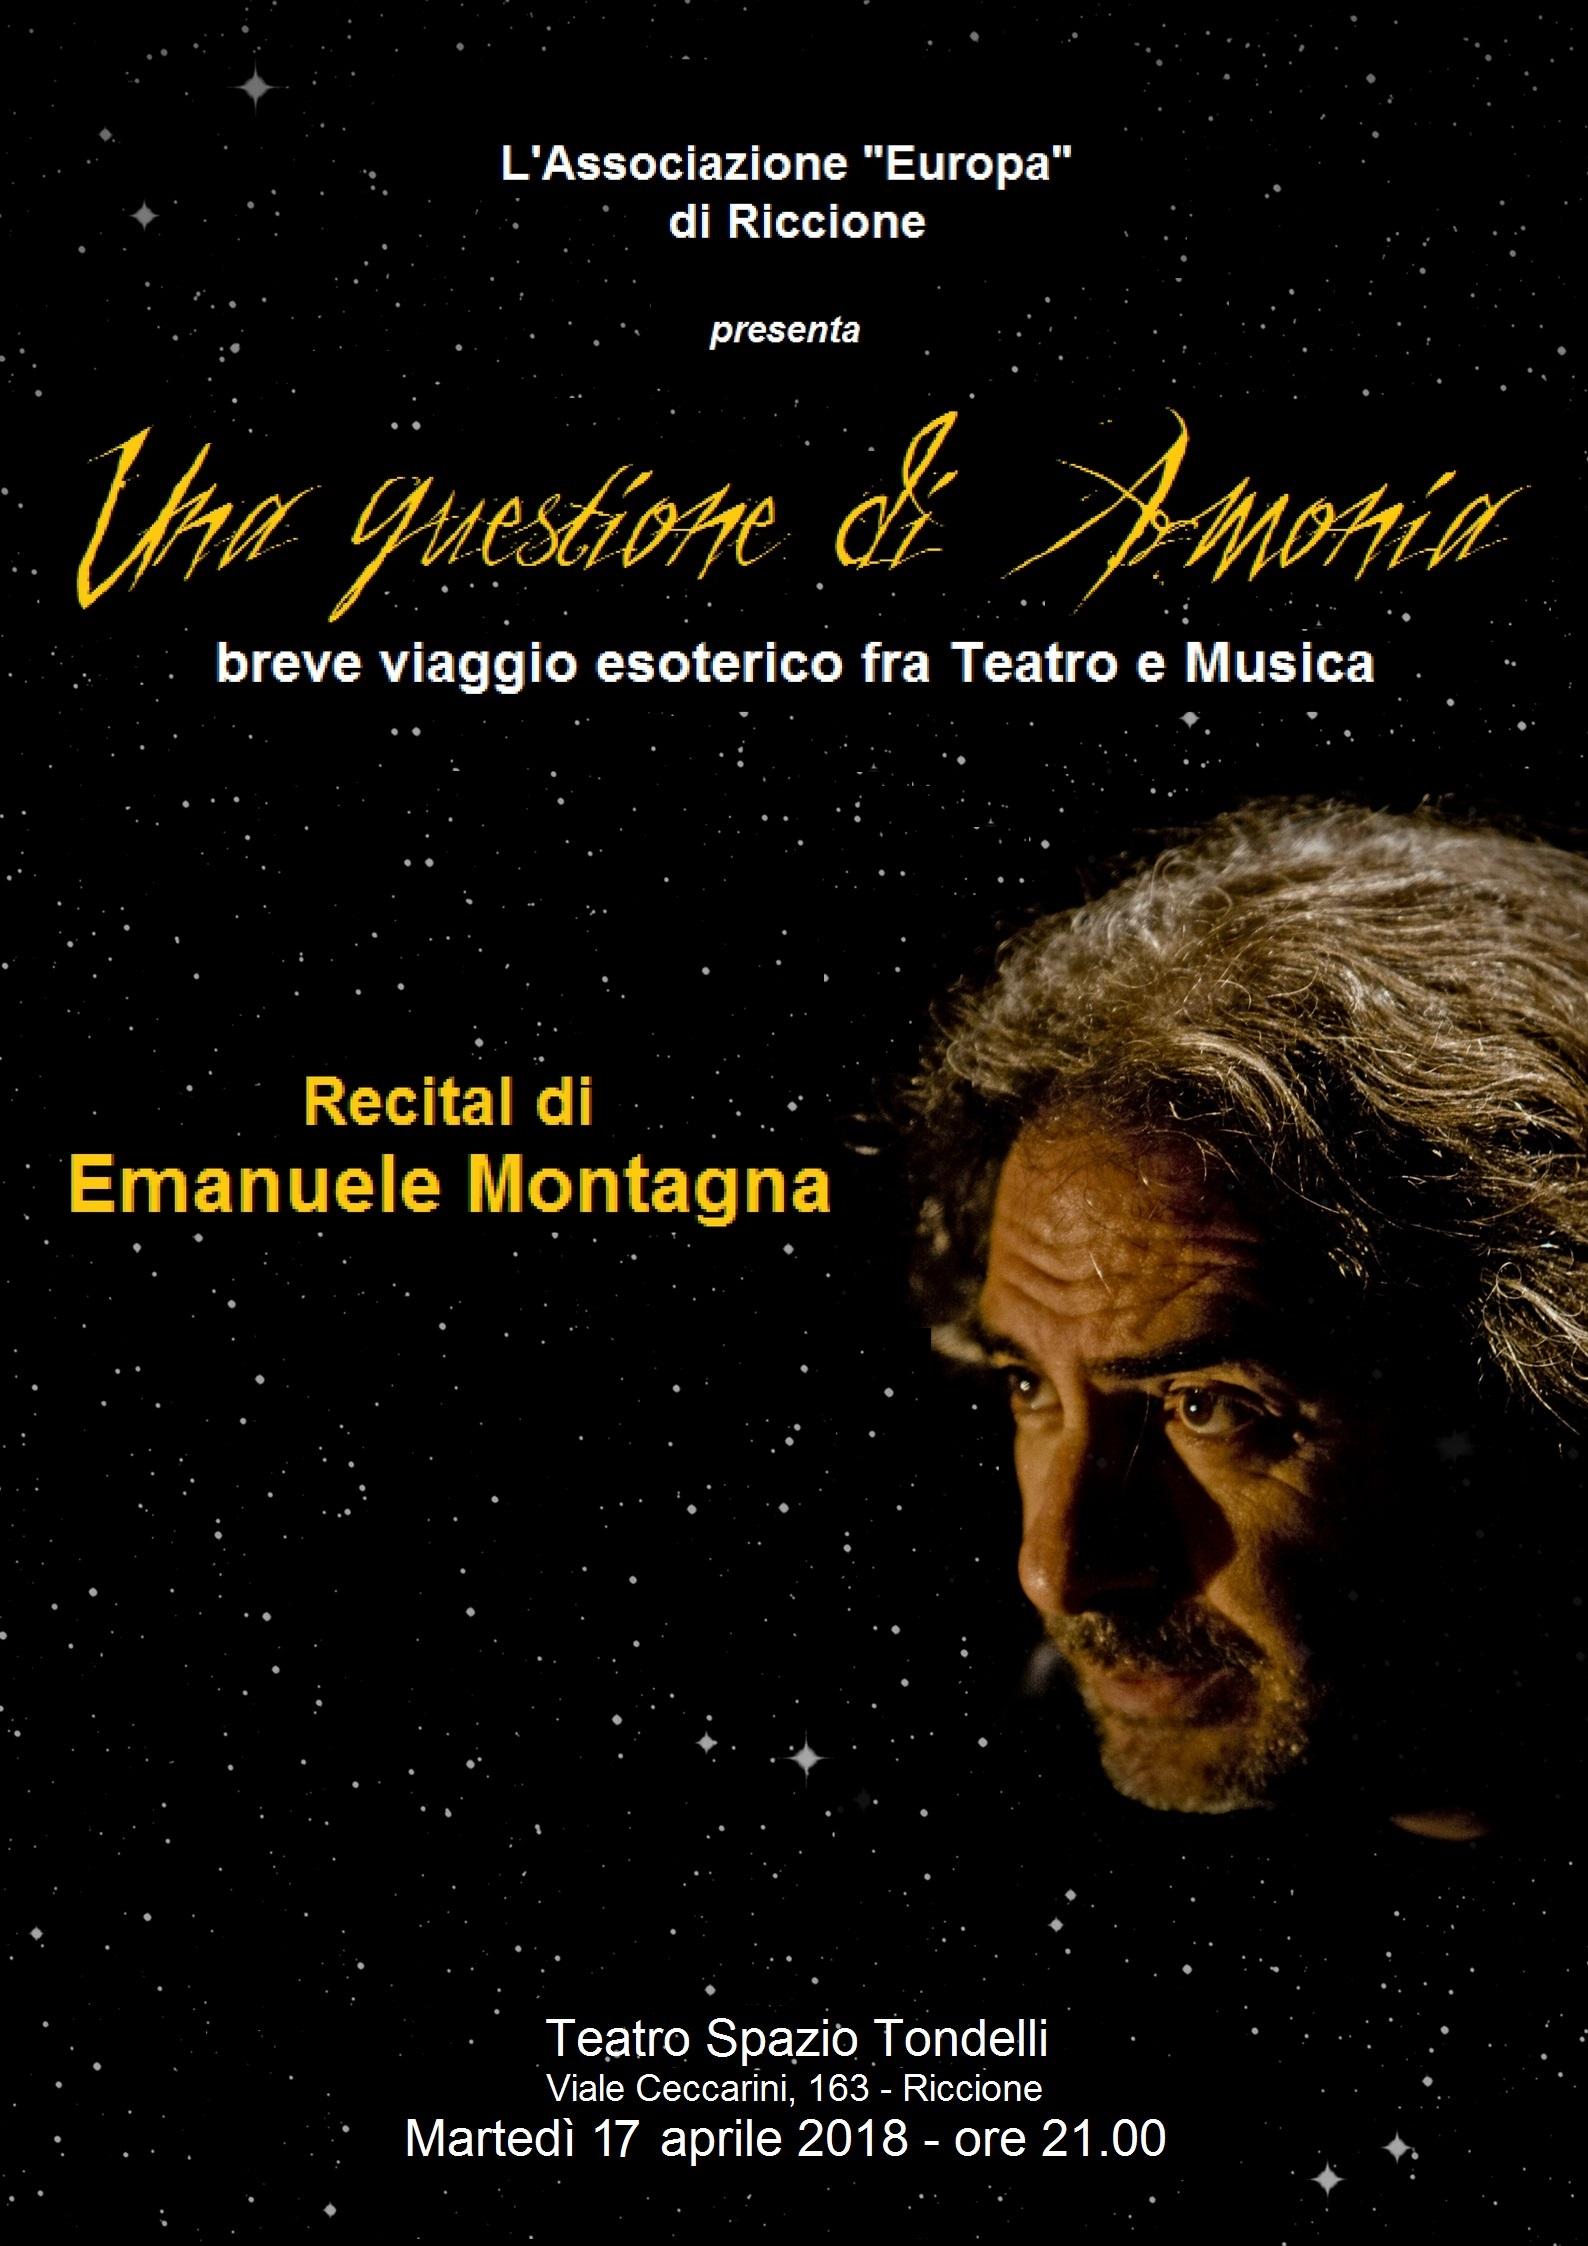 17/04. La Loggia Europa 765 di Riccione festeggia il compleanno con un recital